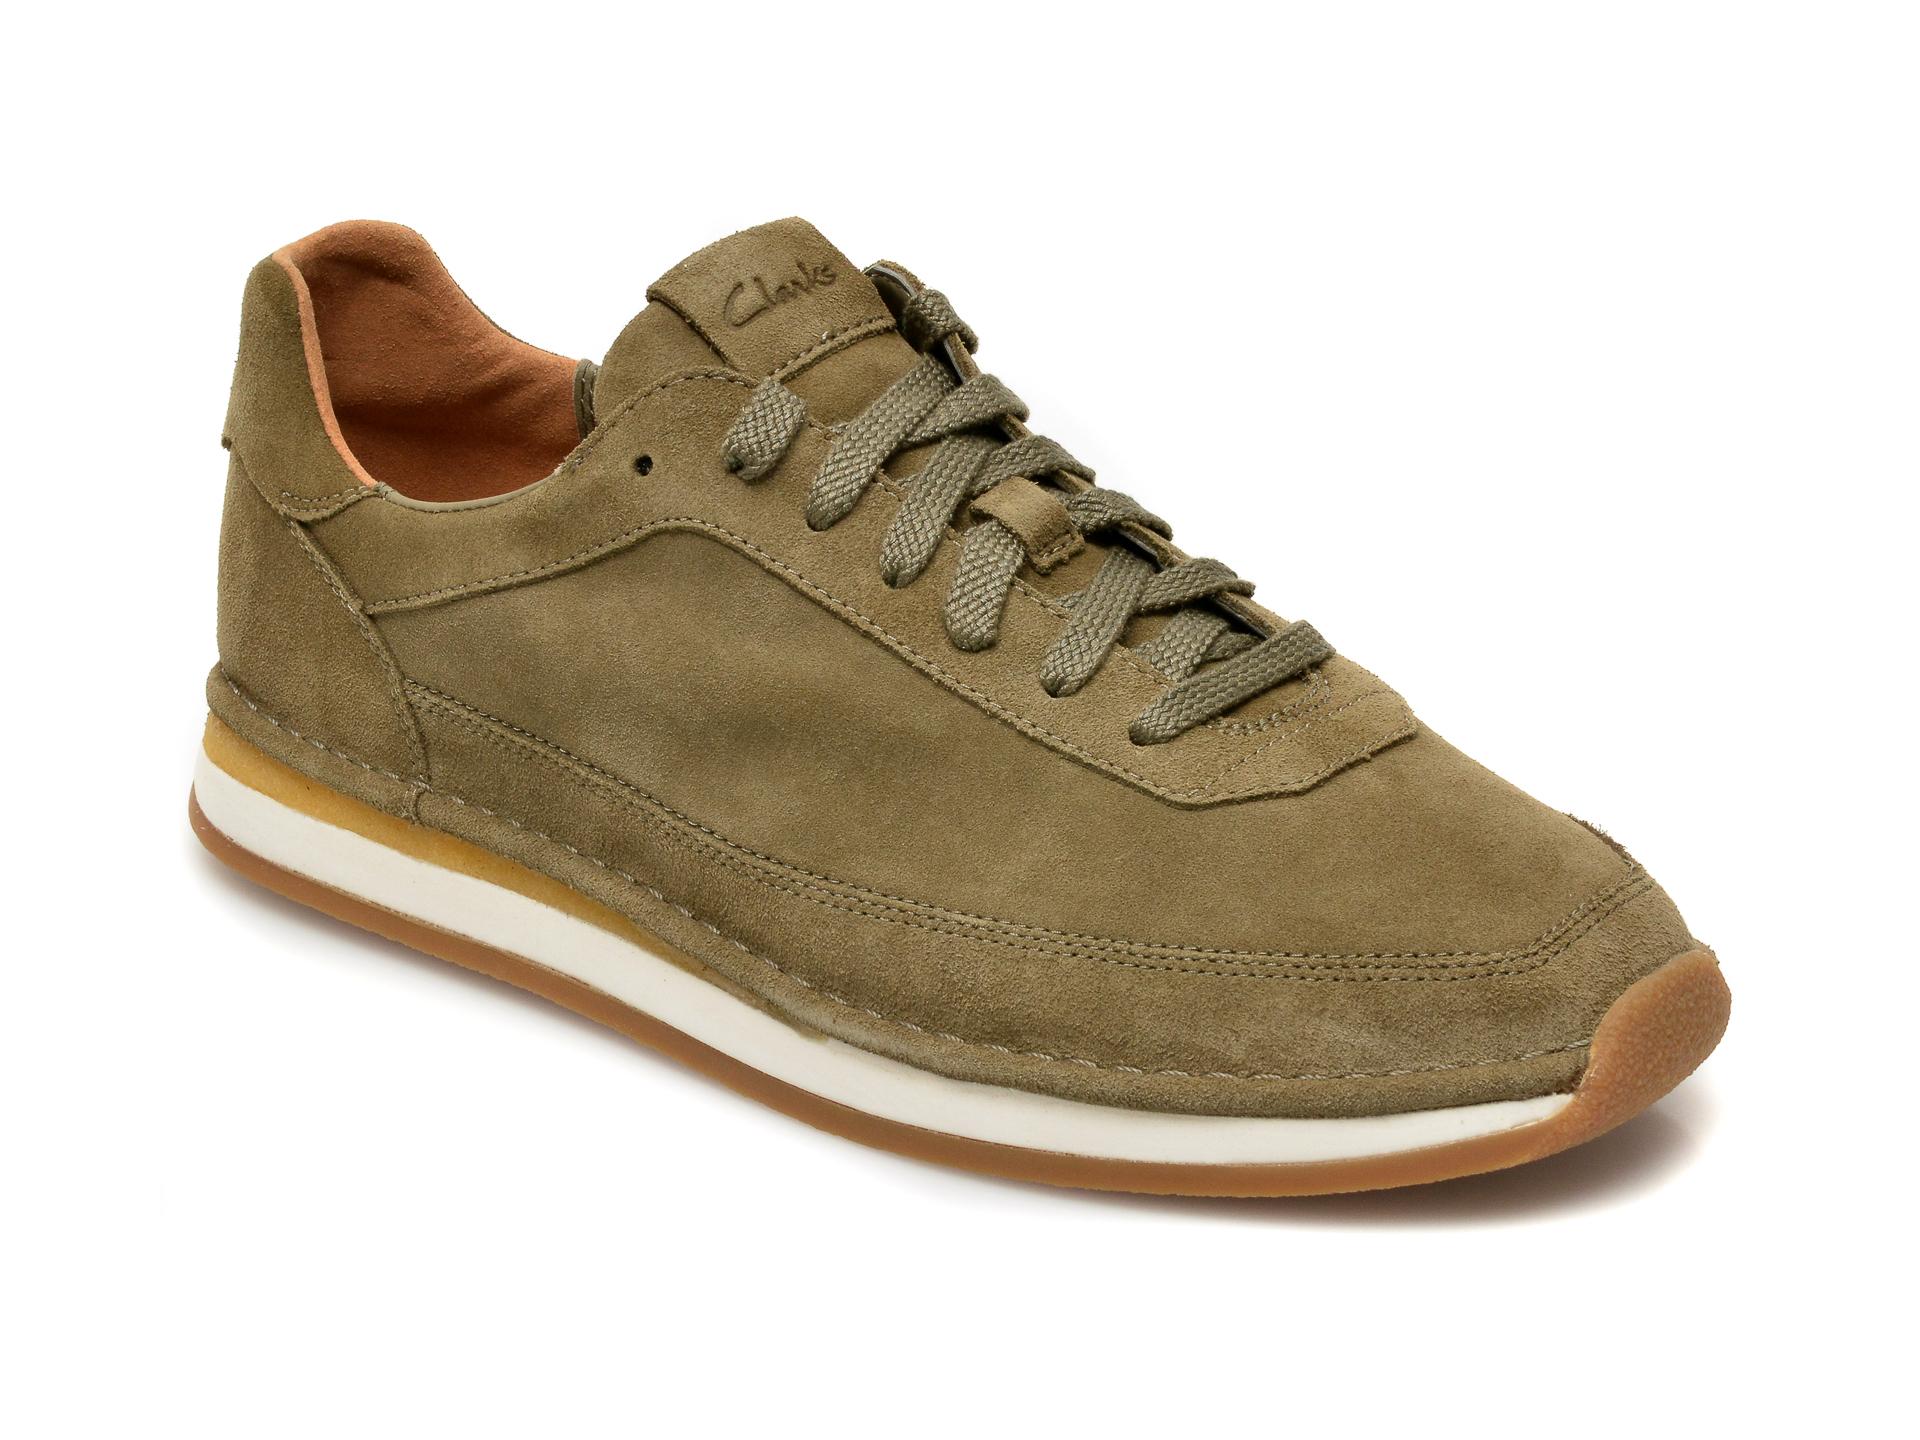 Pantofi CLARKS kaki, Craftrun Lace, din piele intoarsa imagine